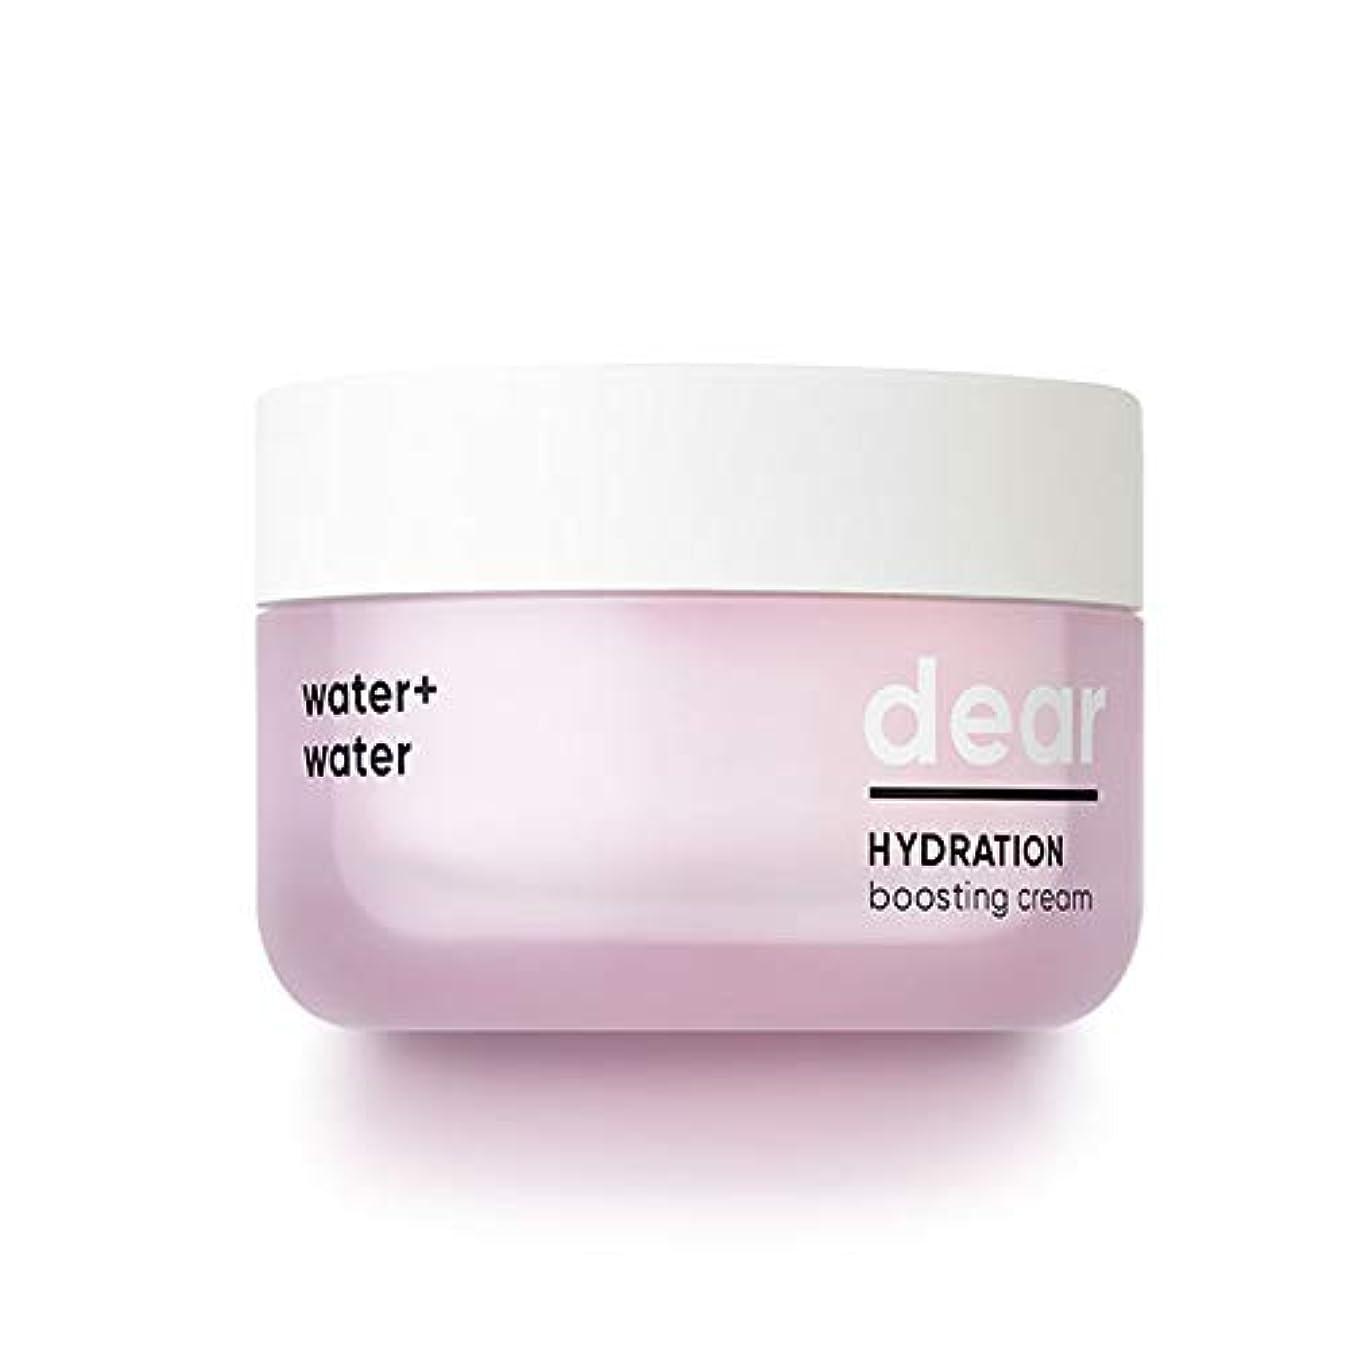 エージェント秀でる裂け目BANILA CO(バニラコ) ディア ハイドレーション ブースティングクローム Dear Hydration Boosting Cream